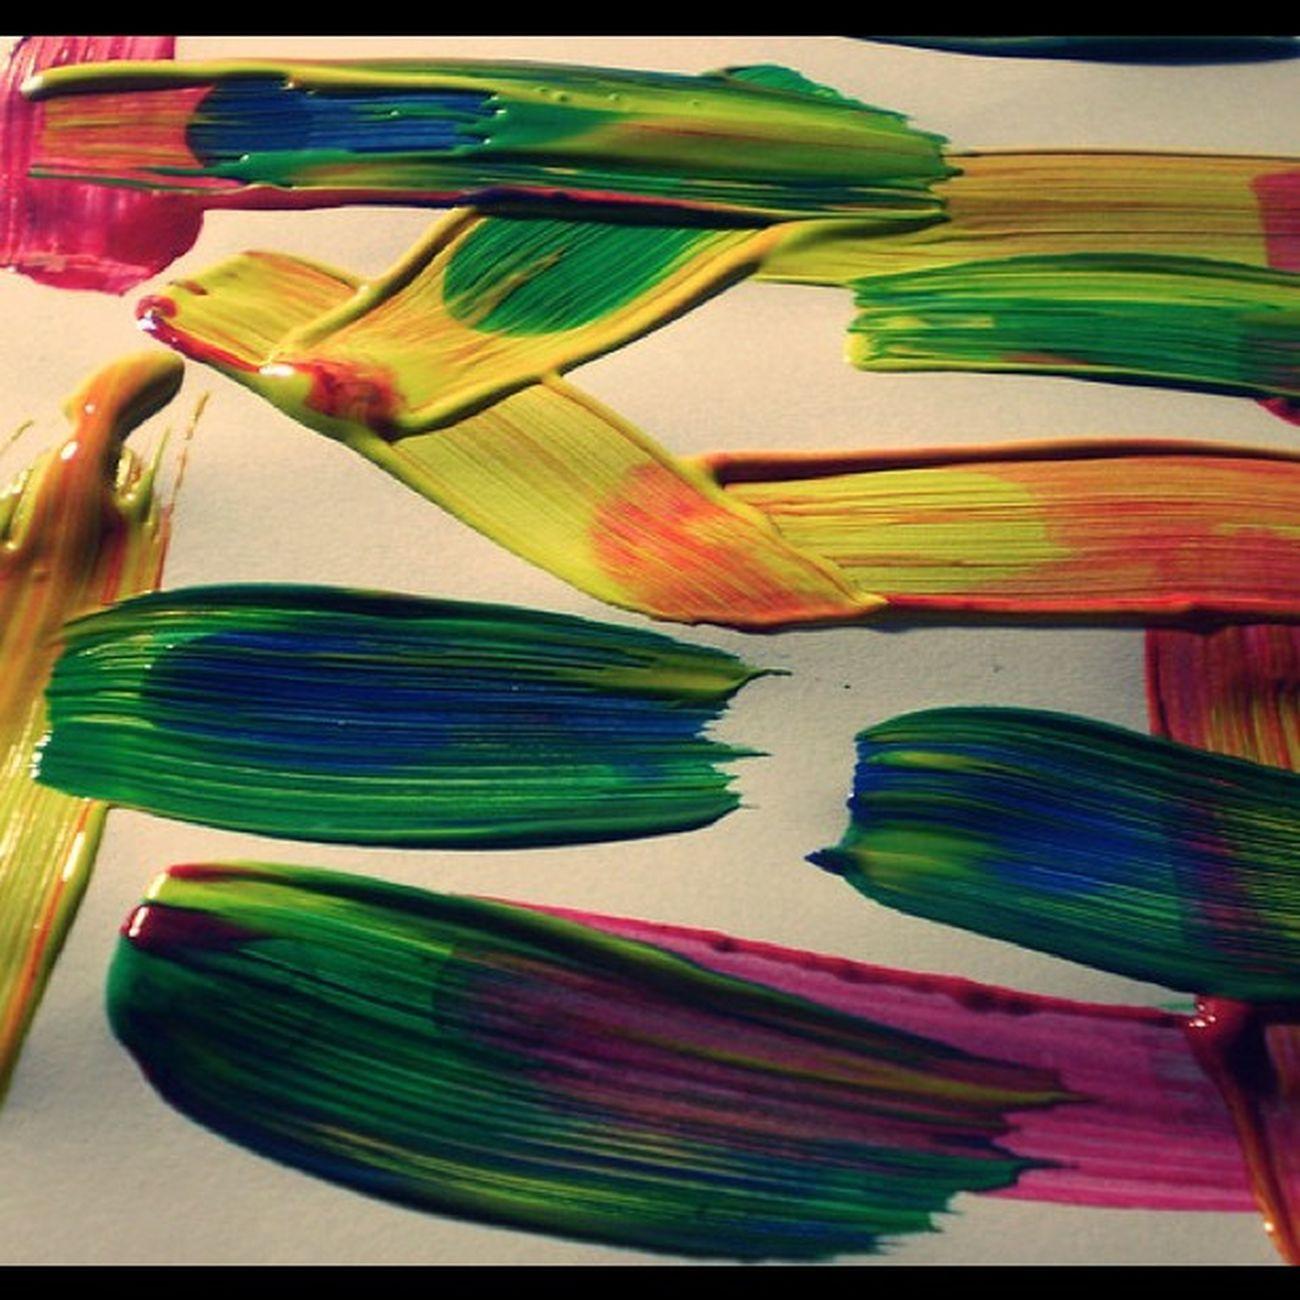 Pruebas de colores. #sinfiltros Sinfiltros